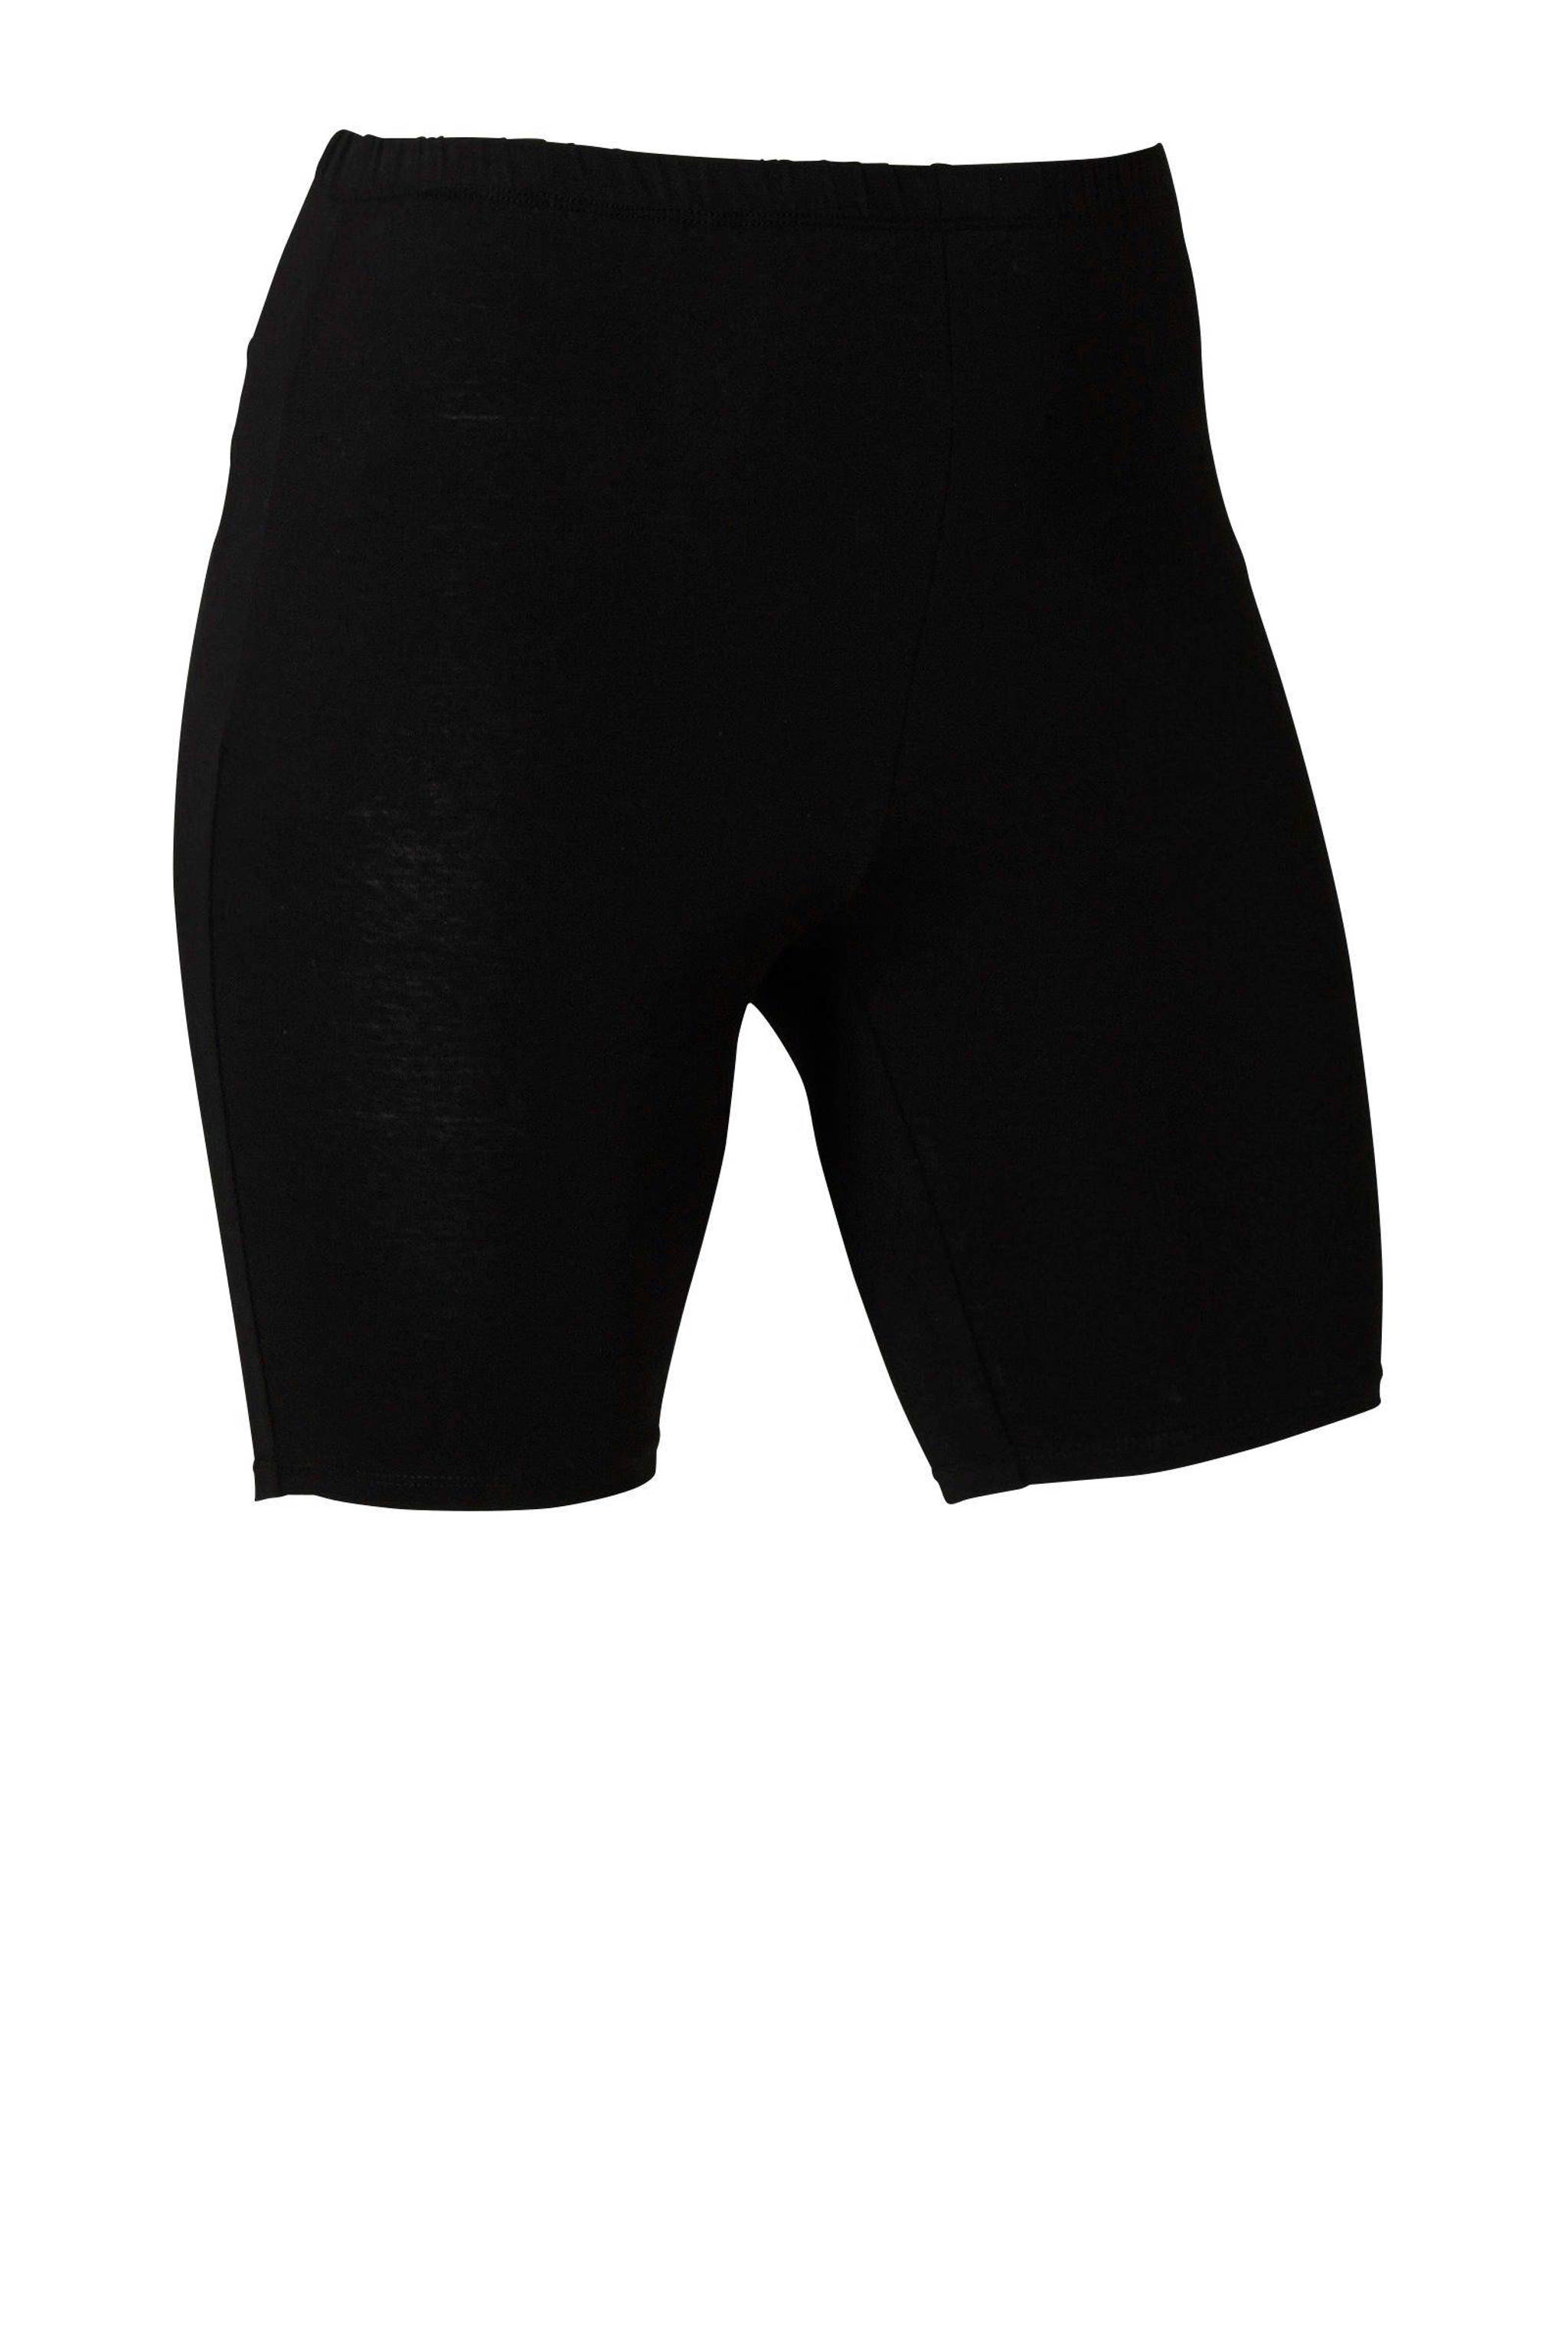 Goede whkmp's great looks korte legging zwart | wehkamp MV-67